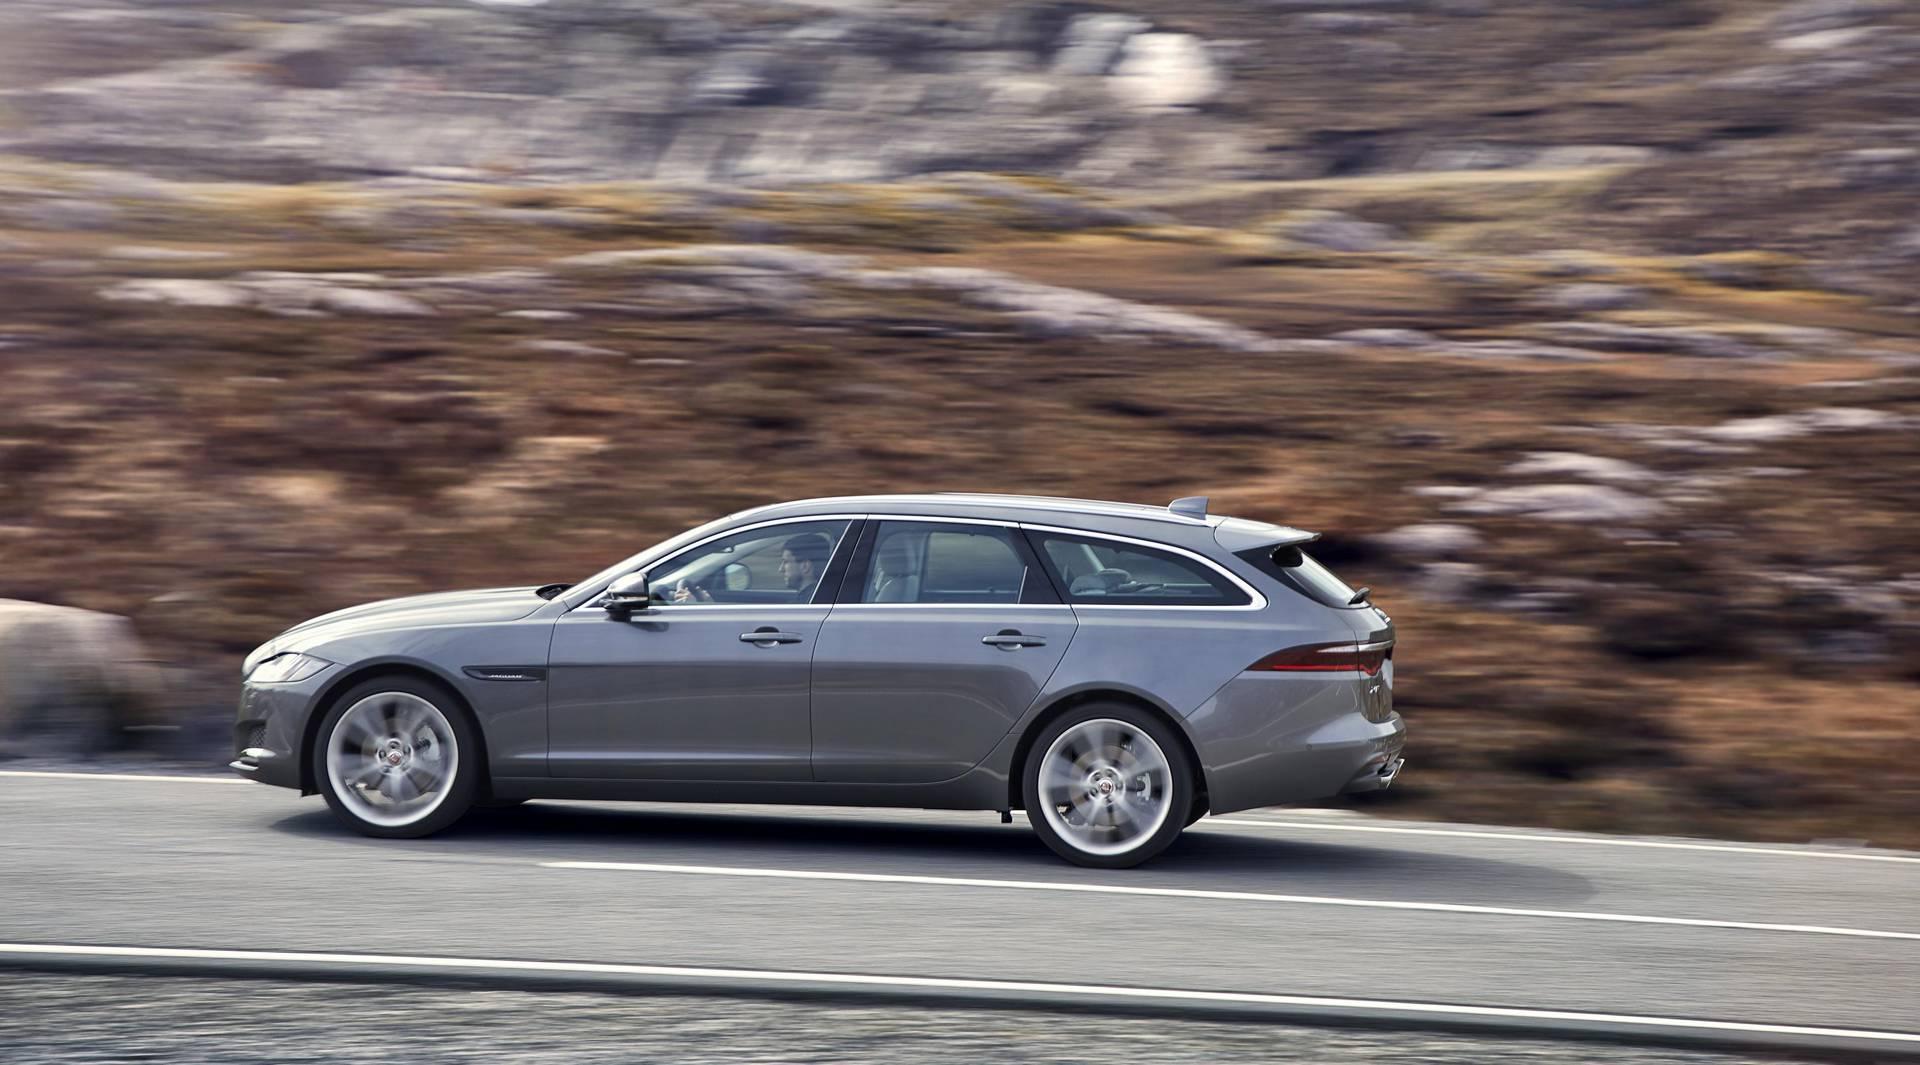 Владельцы Jaguar XF Sportbrake теперь будут иметь возможность выбрать полноприводный вариант и систему All-Surface Progress Control, таким образом автомобиль может конкурировать с Audi, BMW и Mercedes-Benz, которые предлагают такую же трансмиссию. По